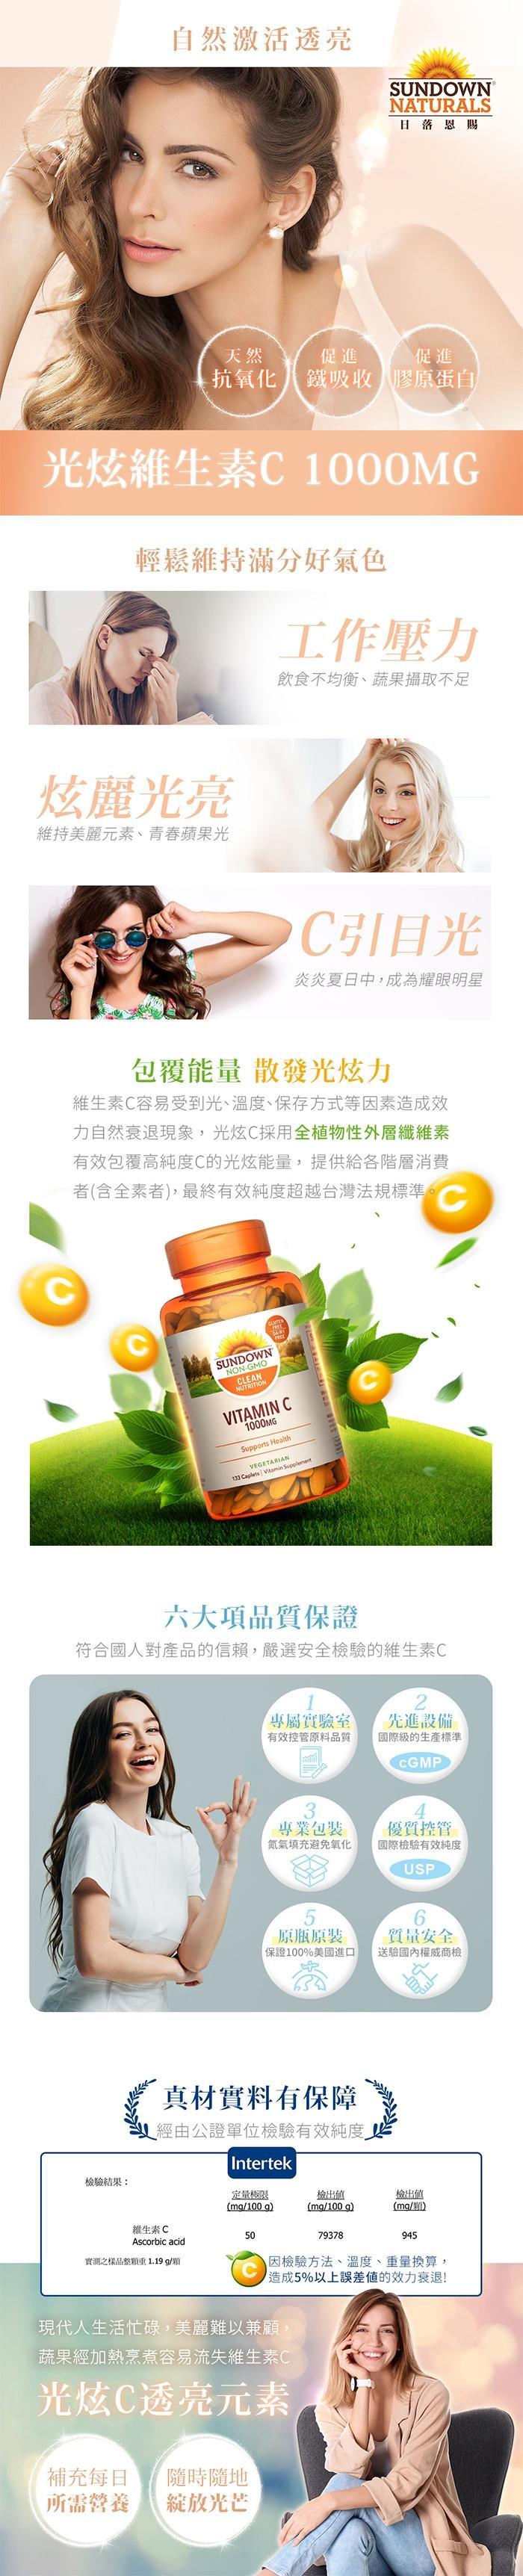 Sundown日落恩賜 光炫維生素C-1000 mg錠(133錠_133天份)產品資訊